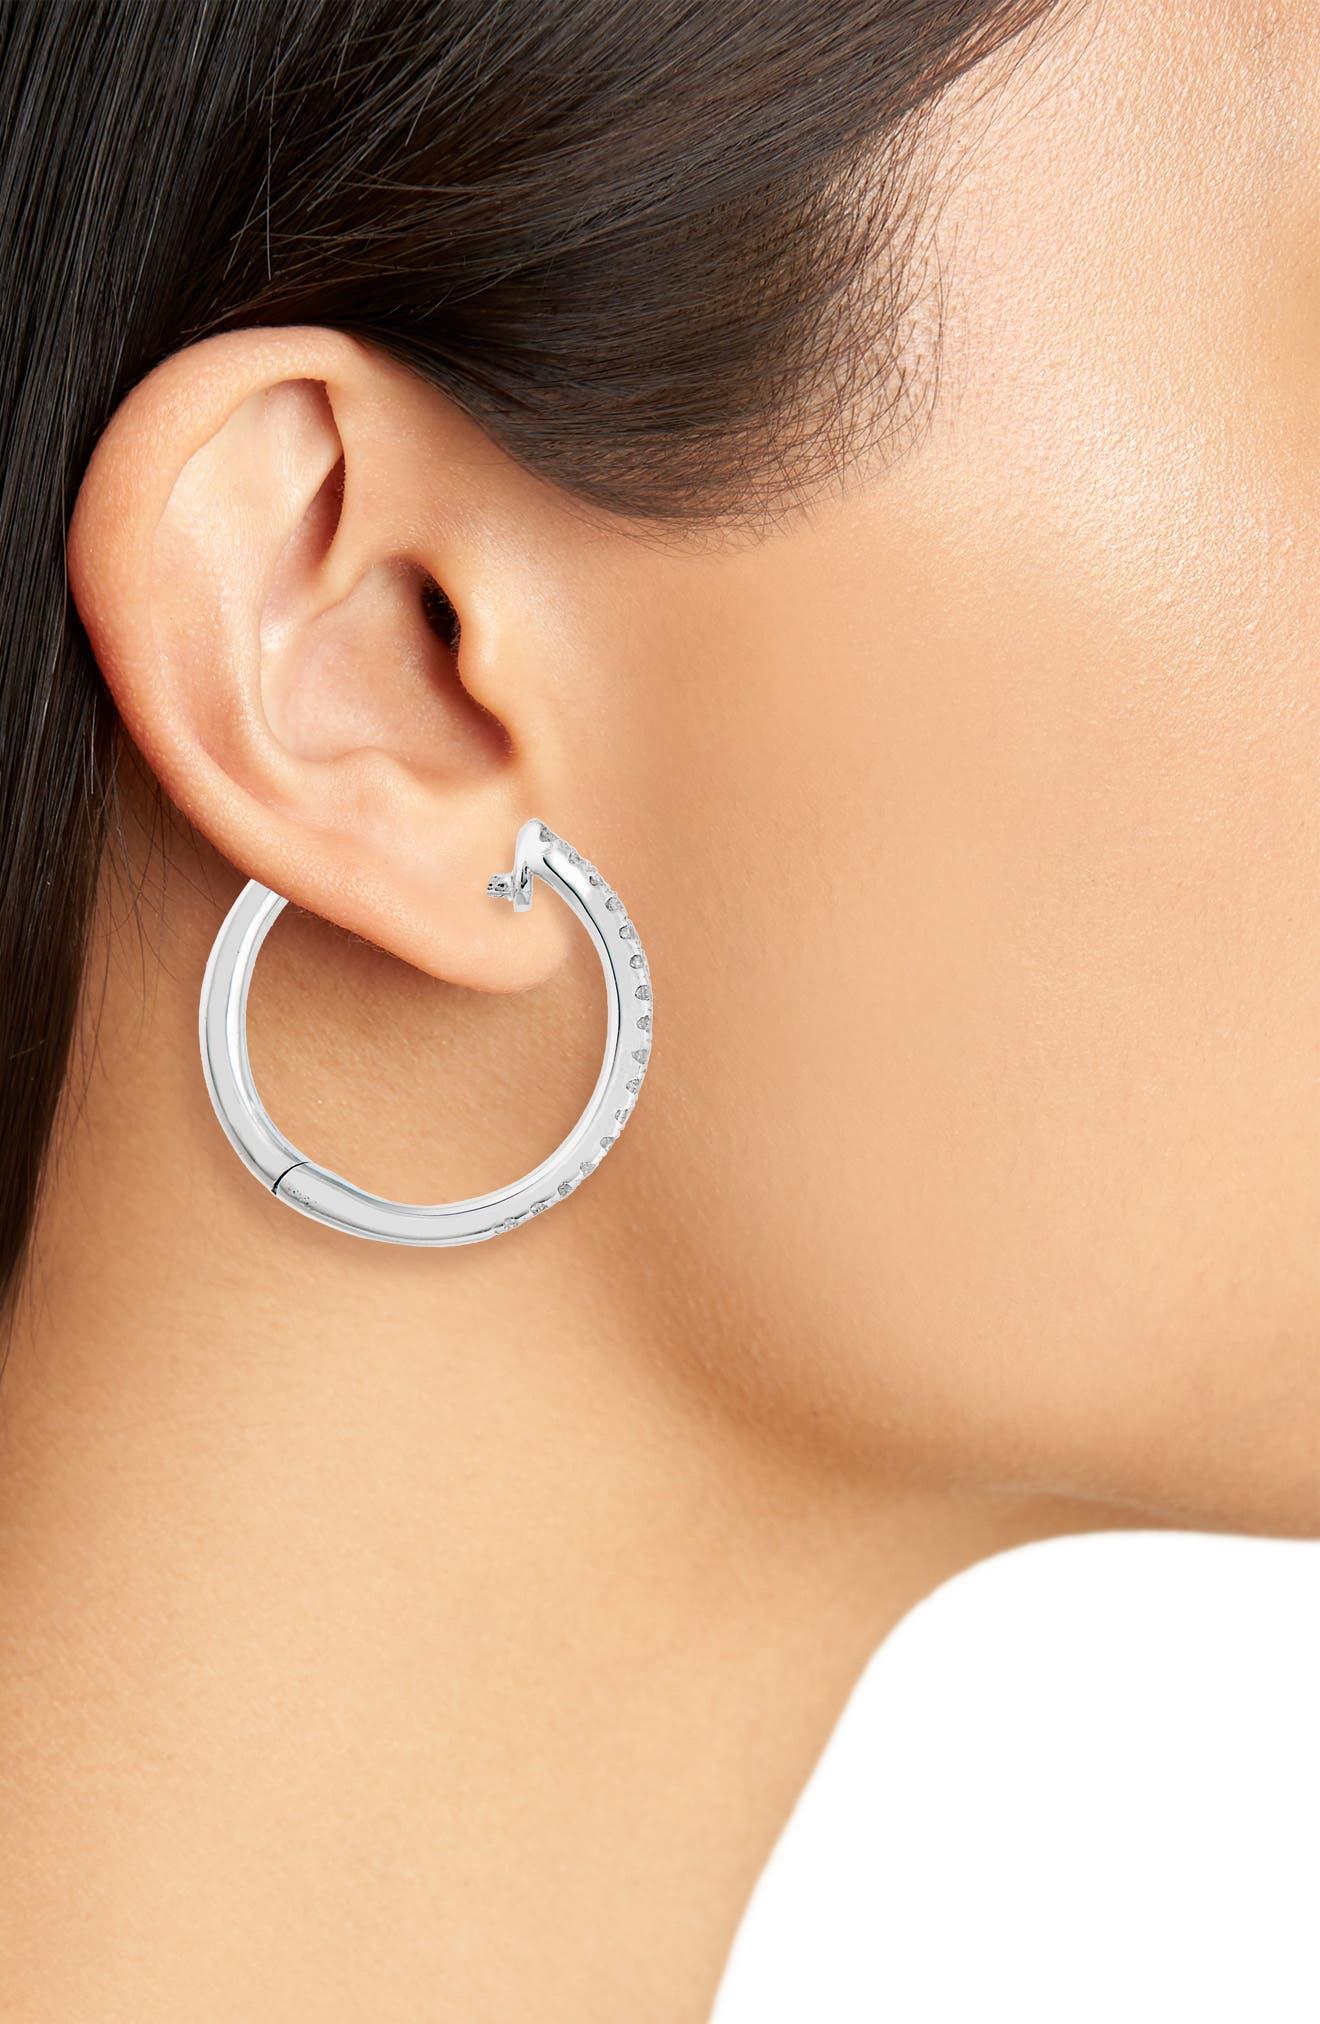 Geo Diamond Hoop Earrings,                             Alternate thumbnail 2, color,                             WHITE GOLD